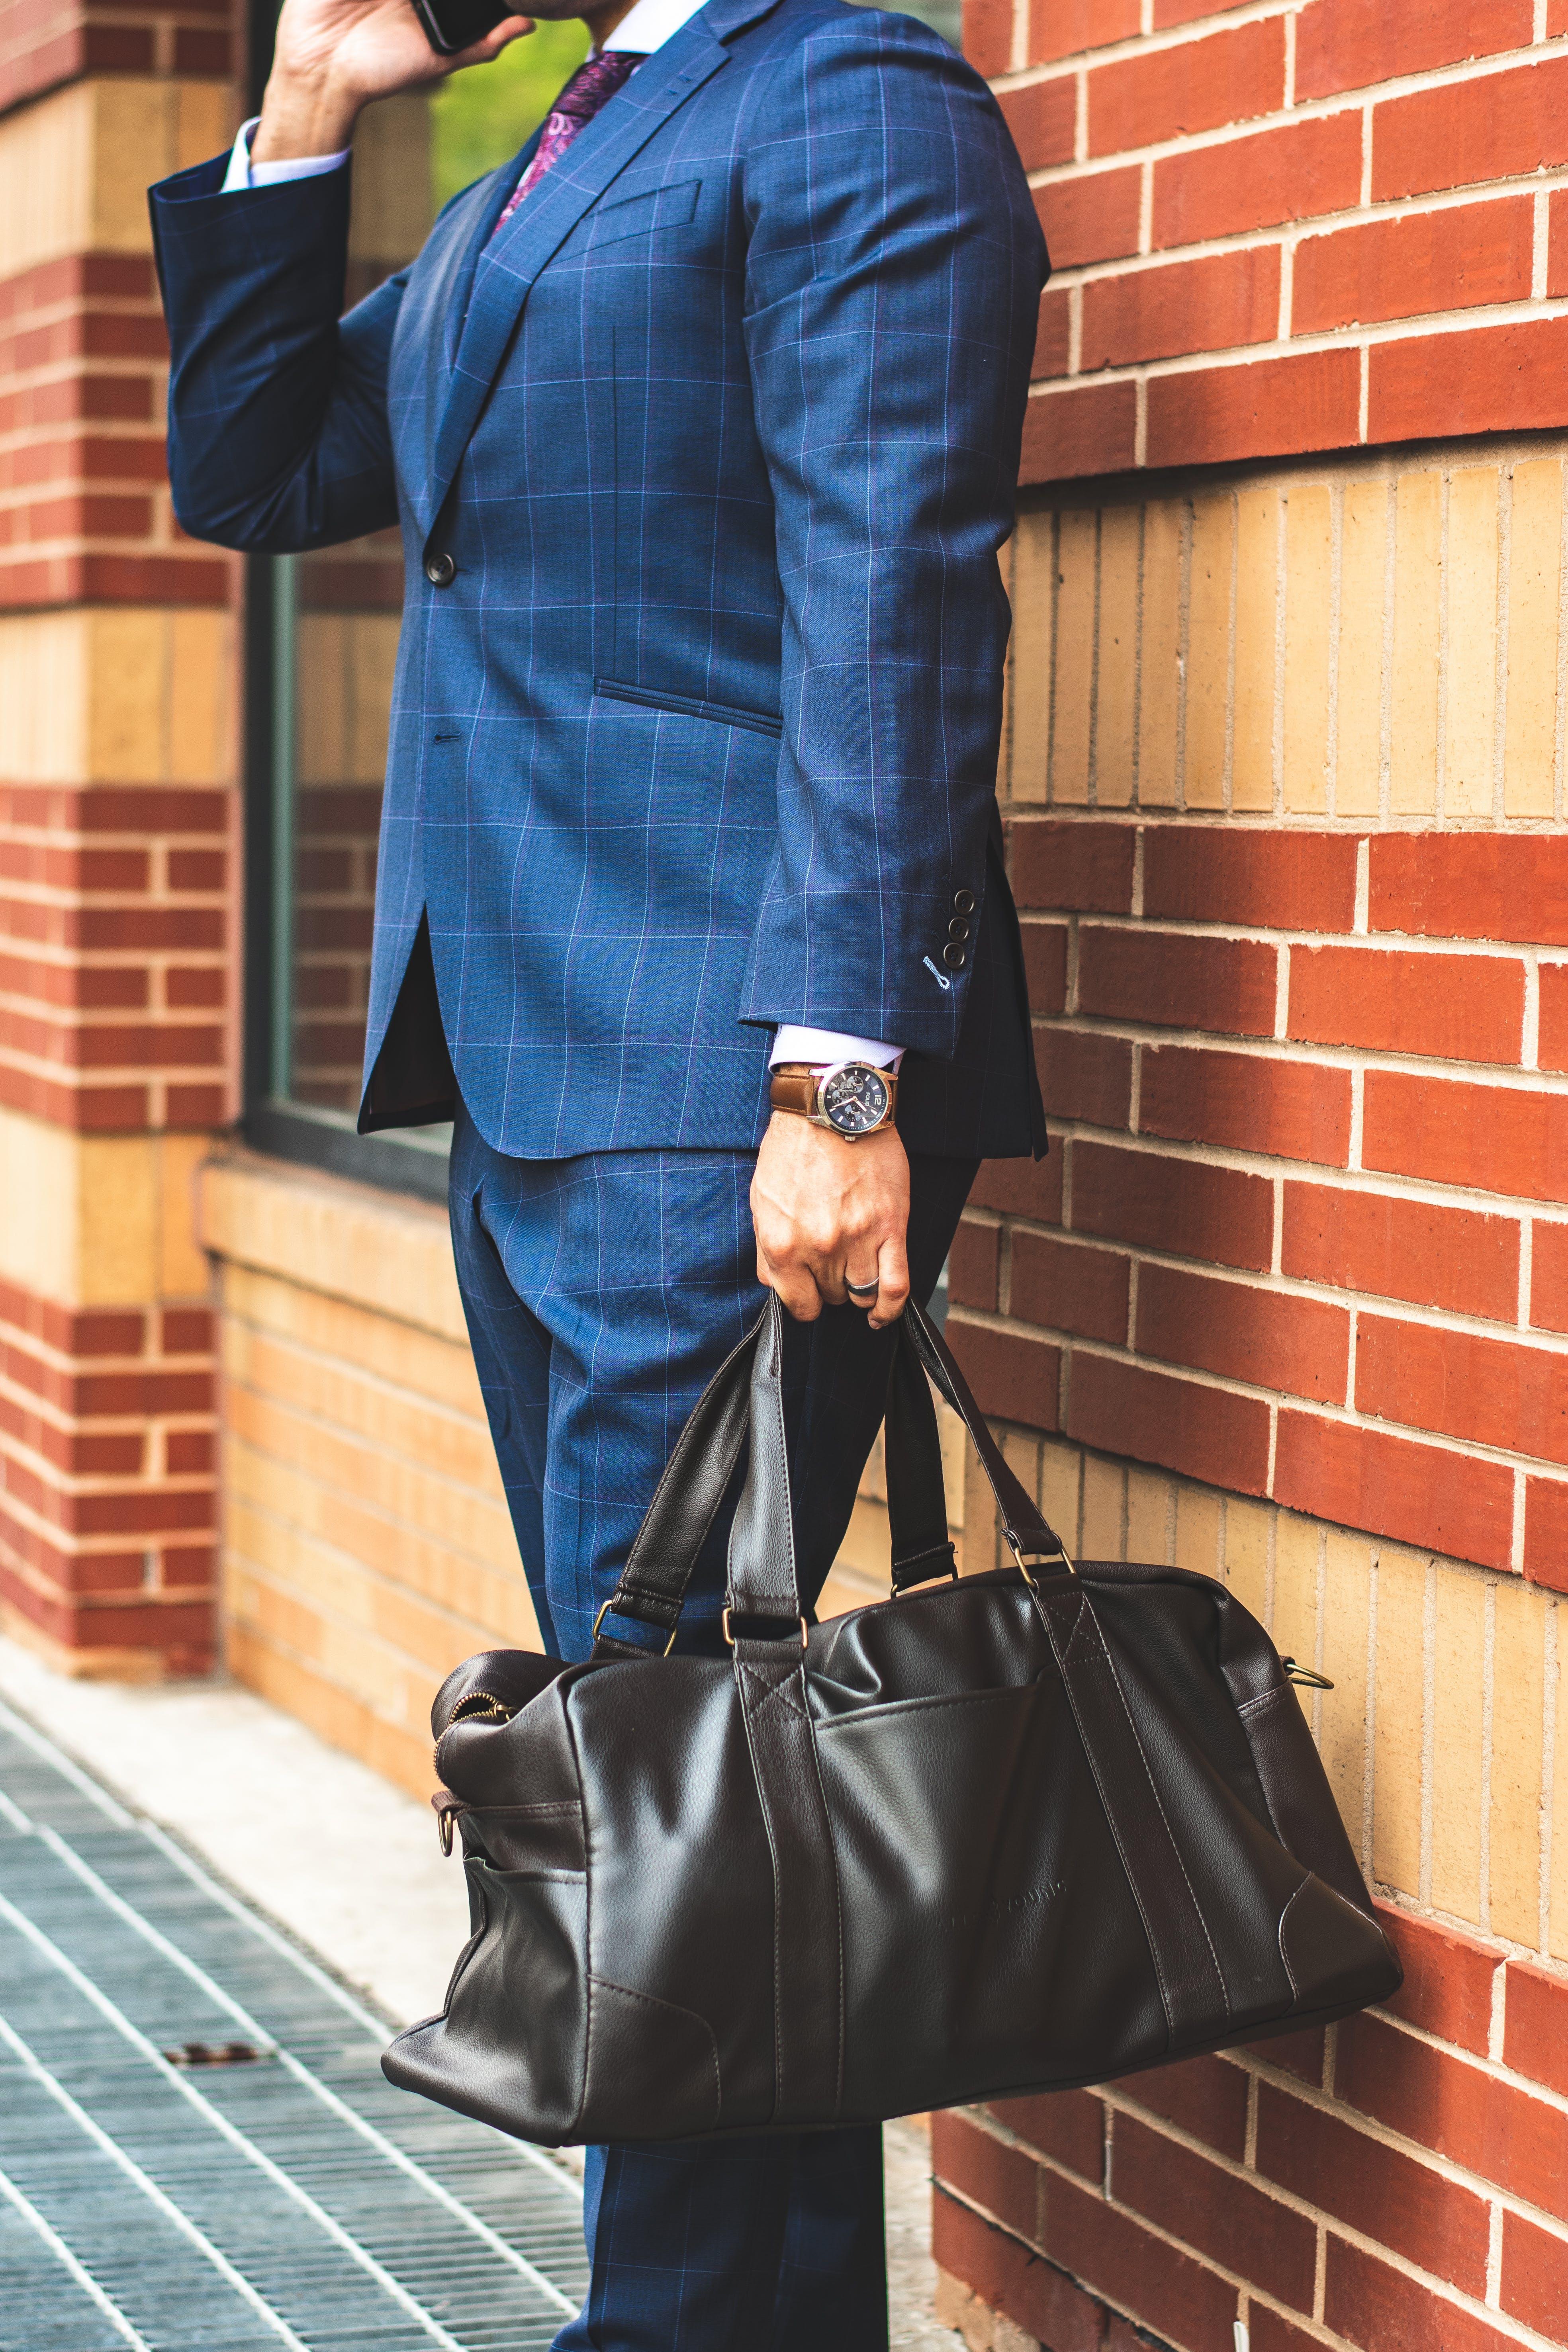 Foto d'estoc gratuïta de a l'aire lliure, bossa, carrer, conjunt de roba